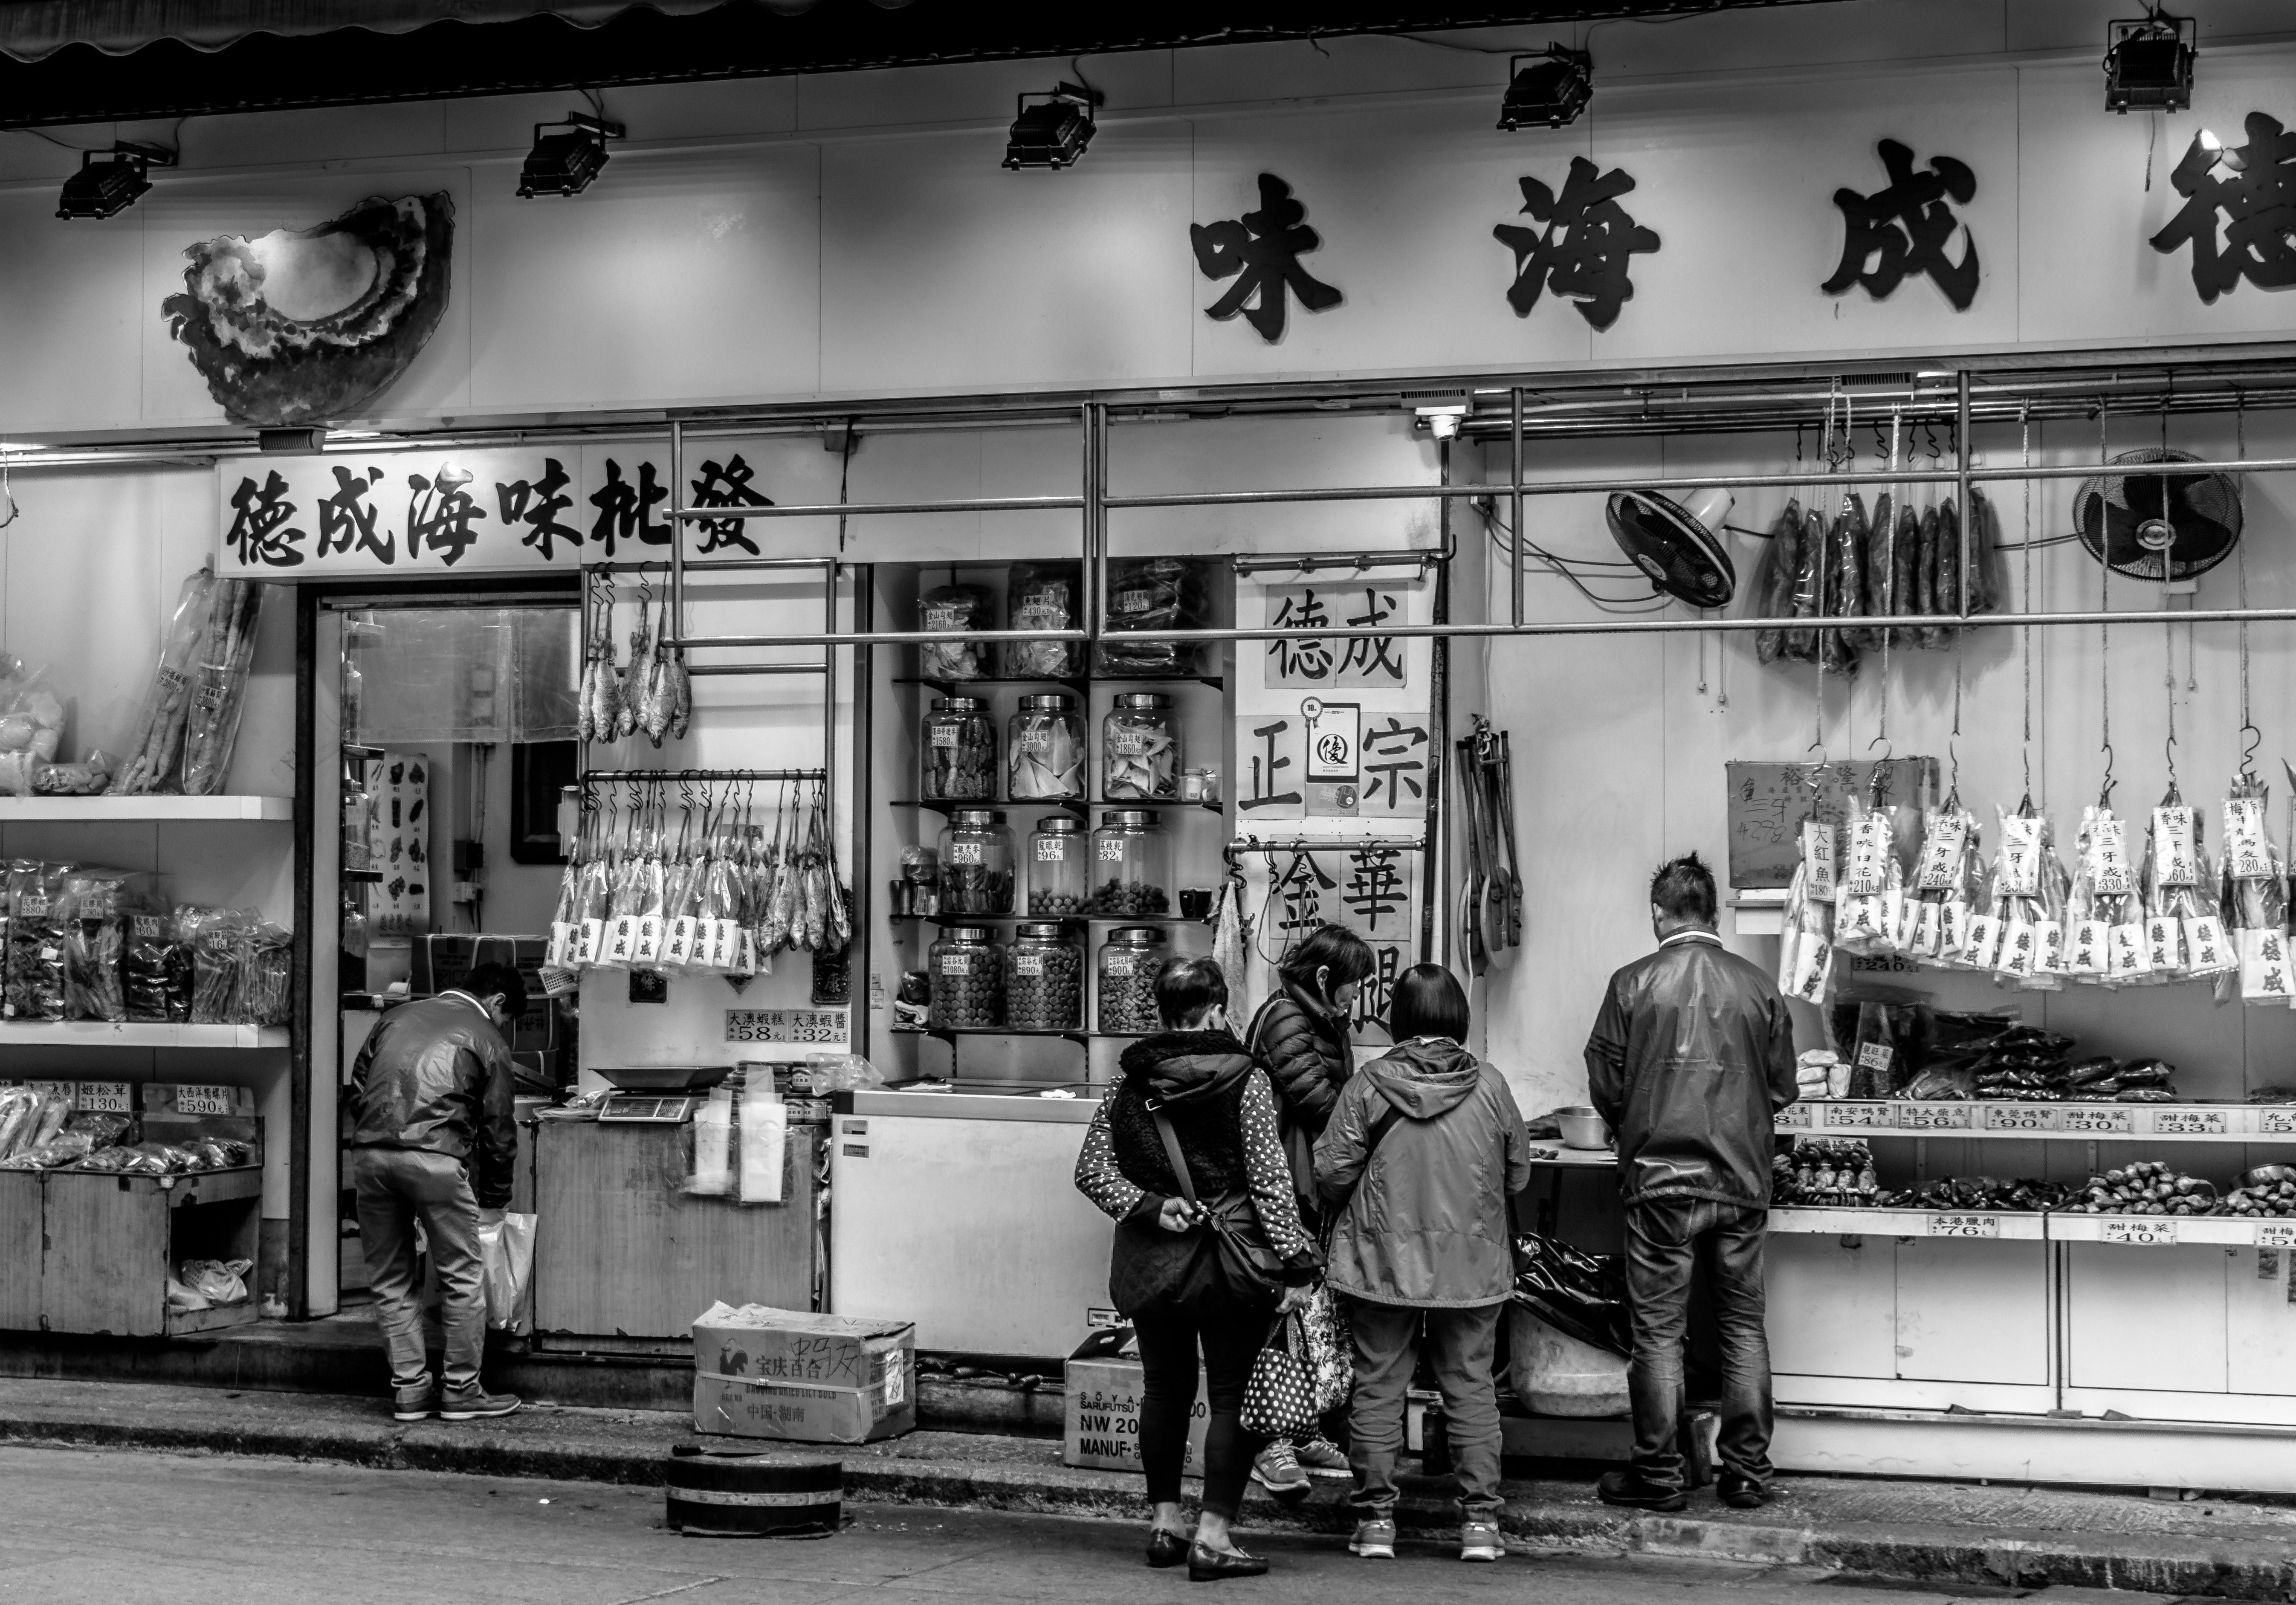 La demande intérieure peine à reprendre en Chine